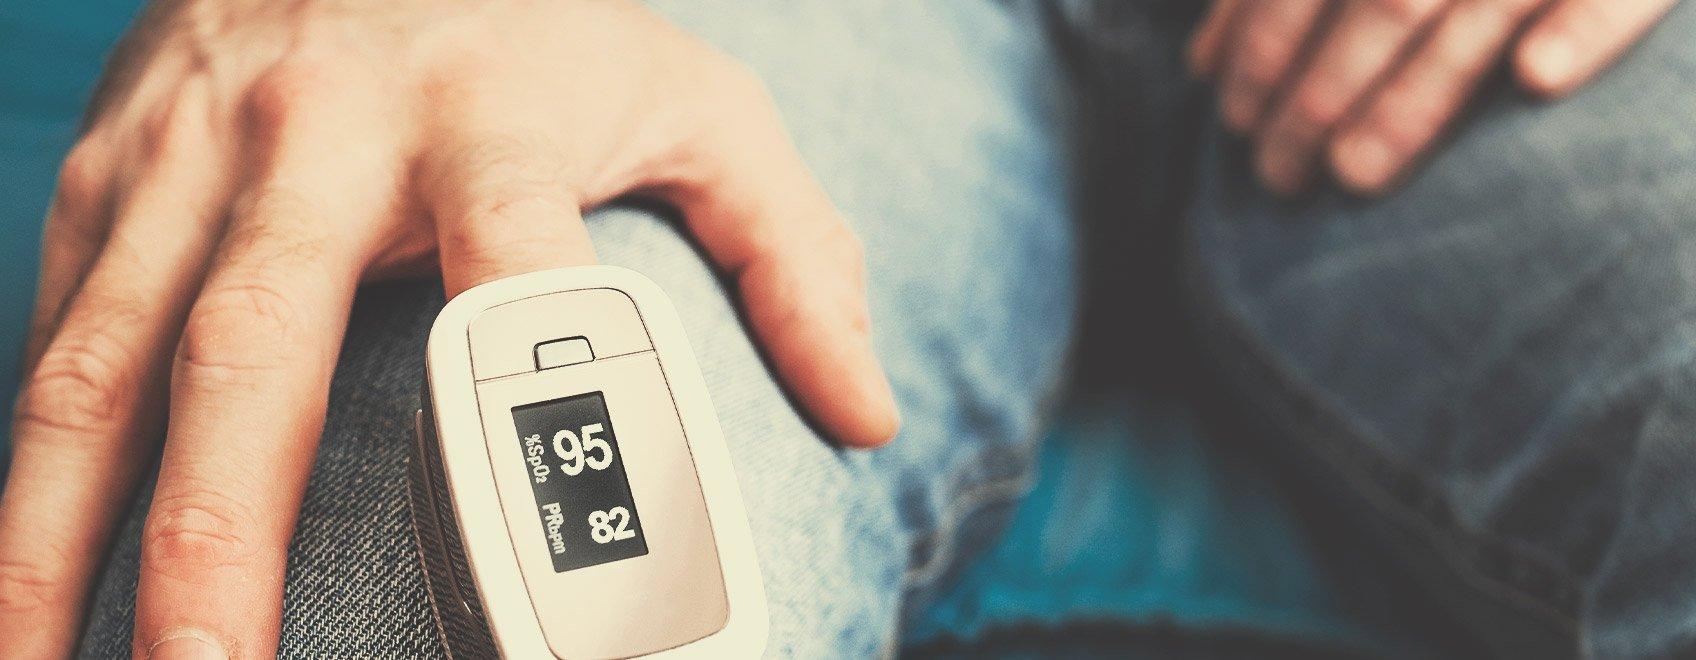 Hipertensión y aumento de la frecuencia cardíaca